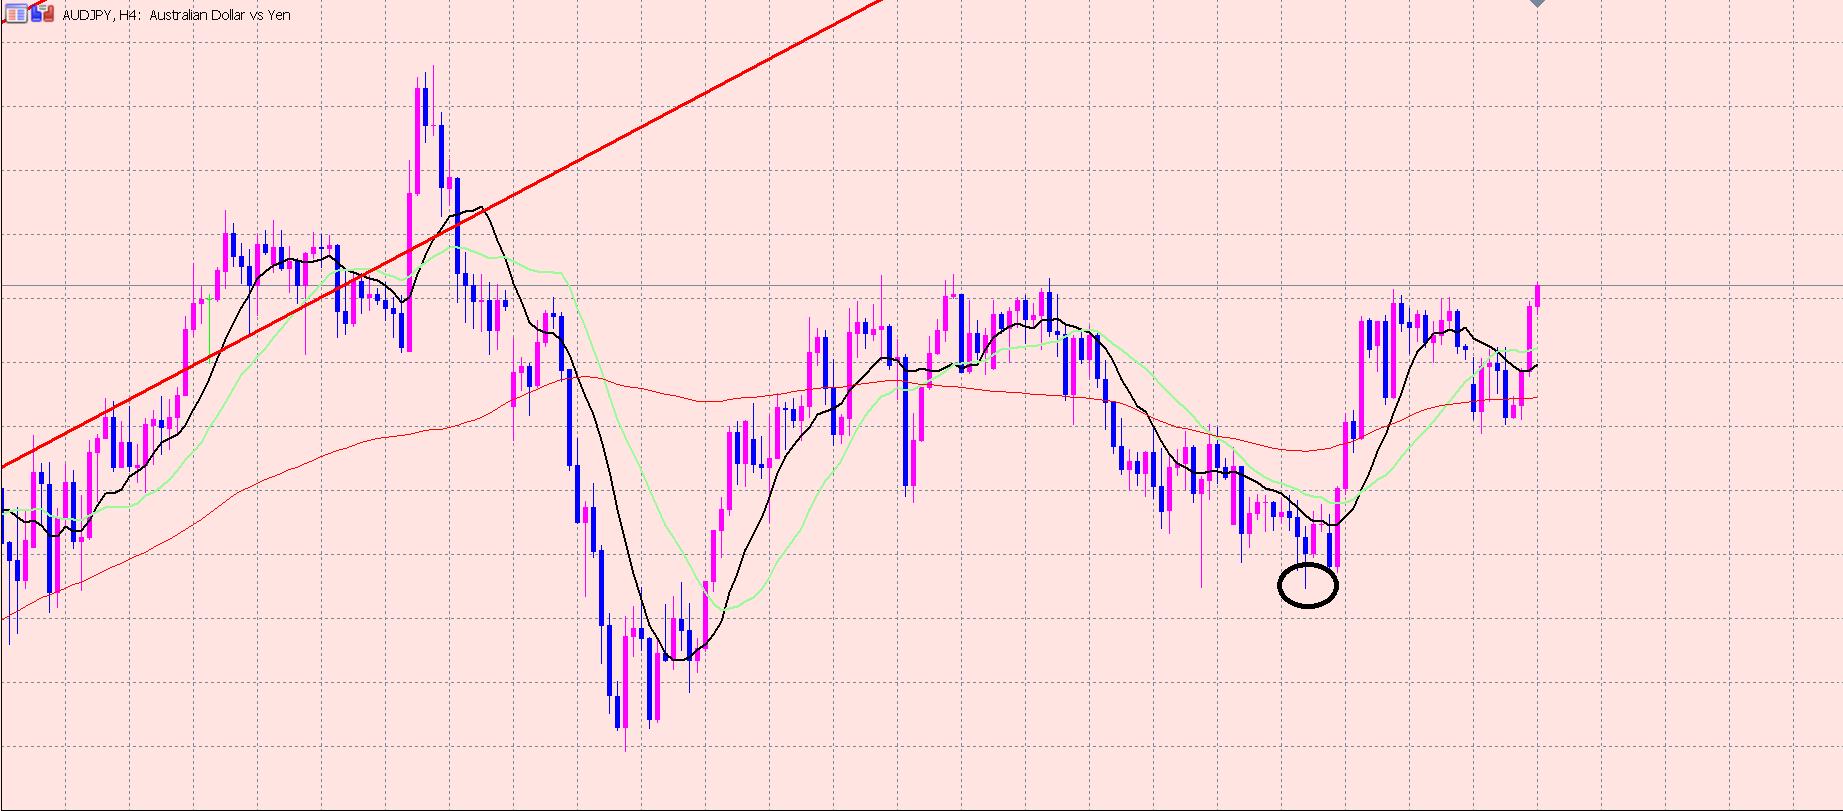 豪ドル円 ポイント付近まで上昇♫